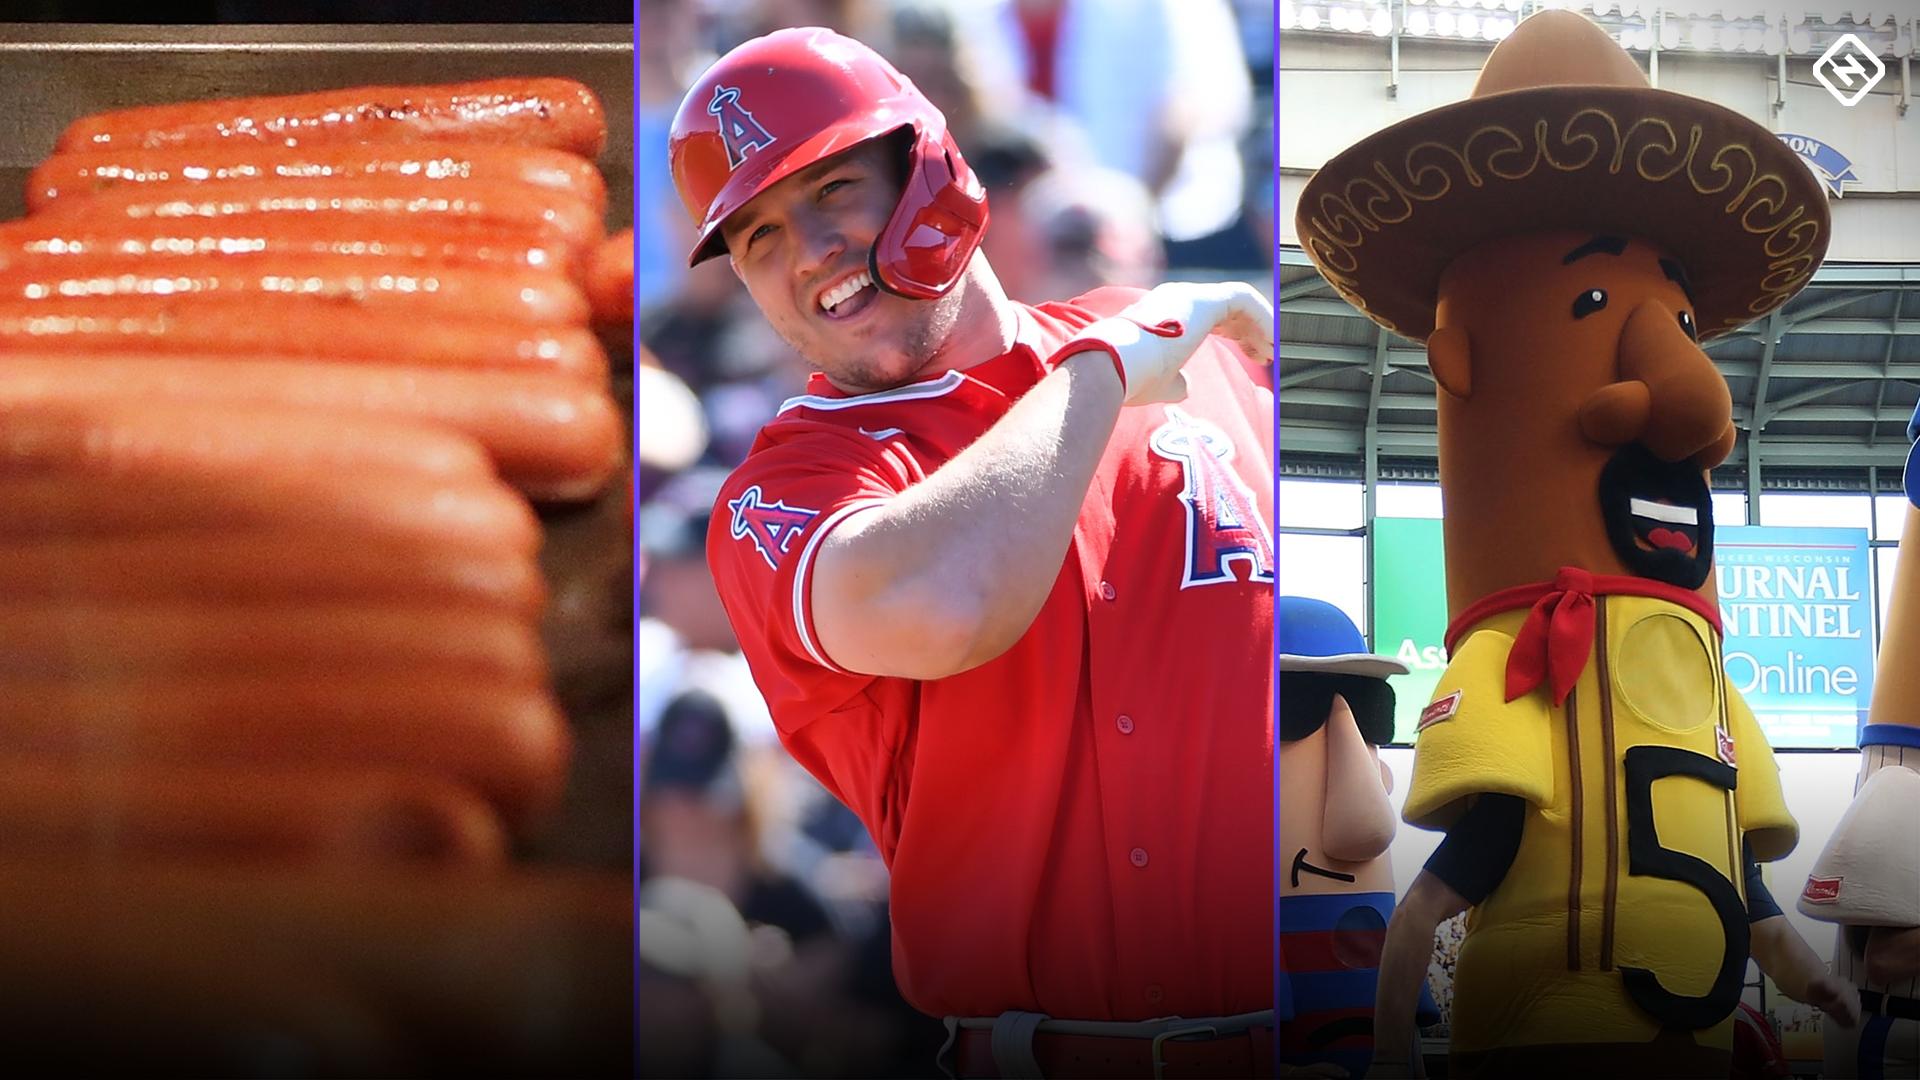 15 cosas que más extrañamos del béisbol, clasificadas 2